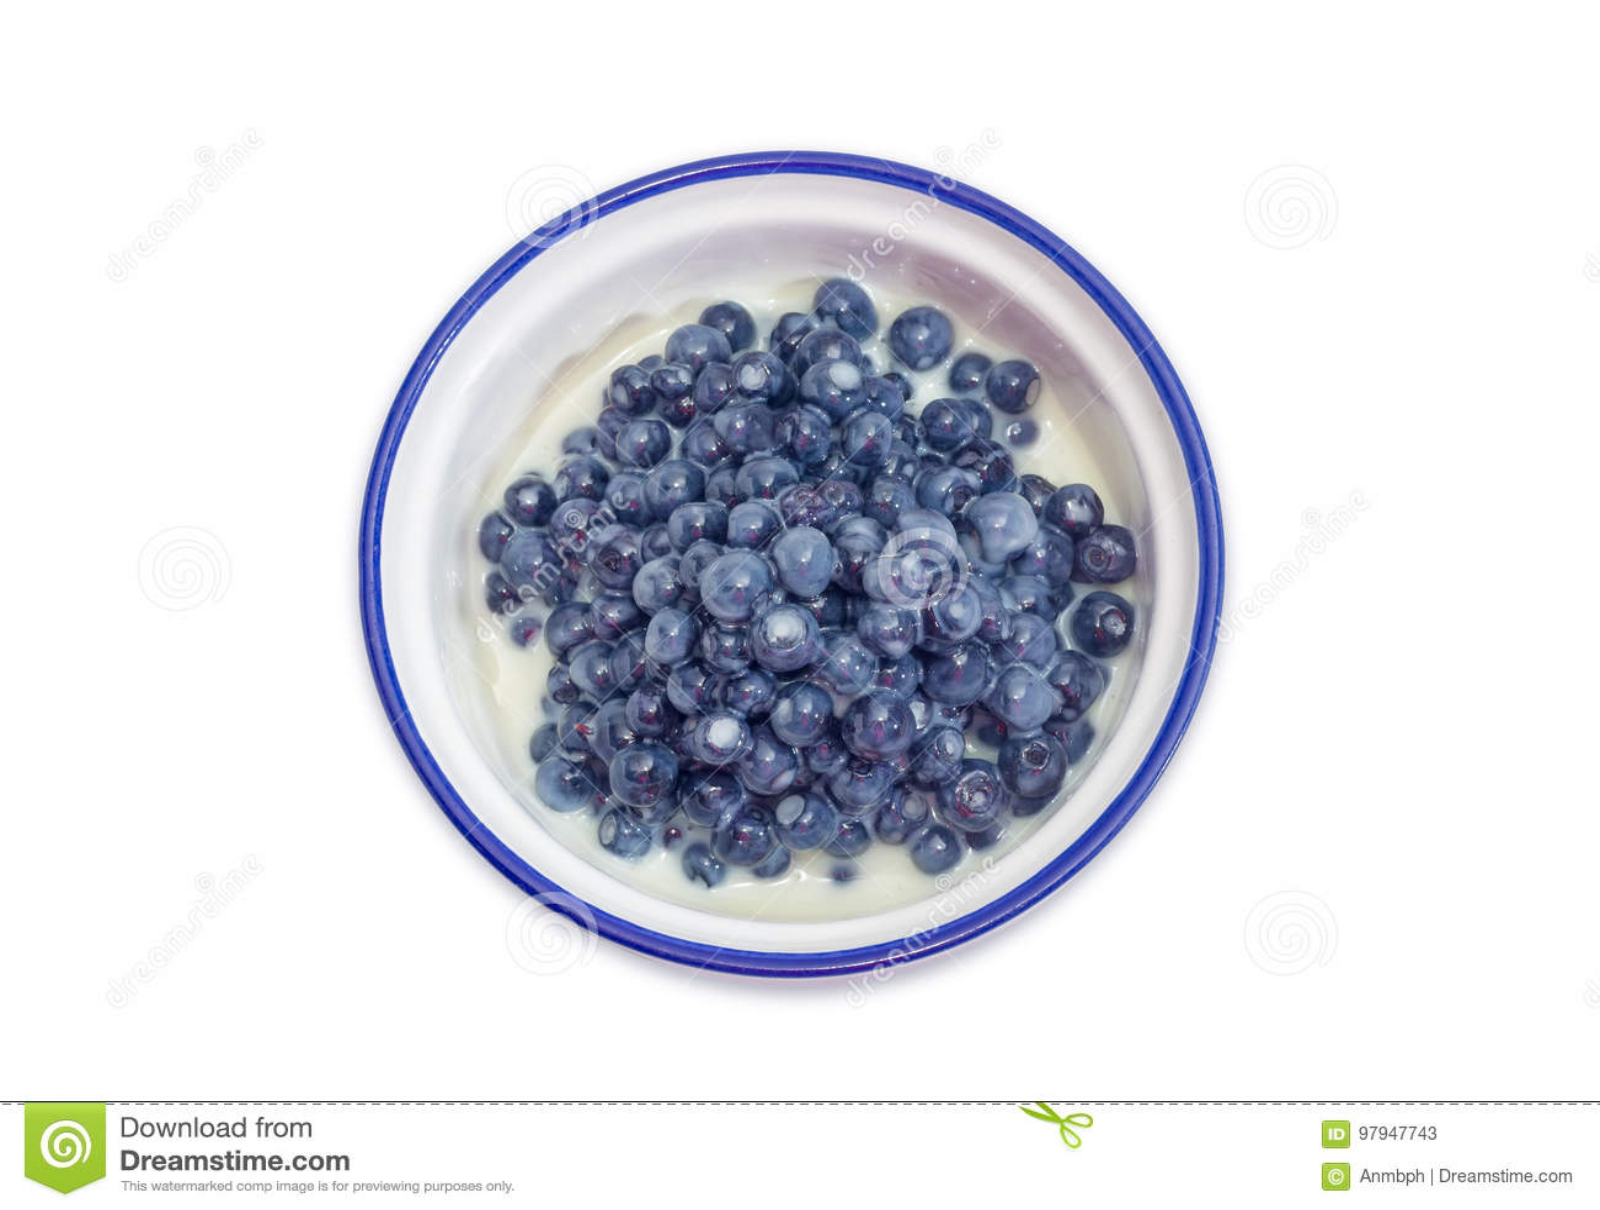 Vista superior da sobremesa da uva-do-monte com leite condensado abrandado